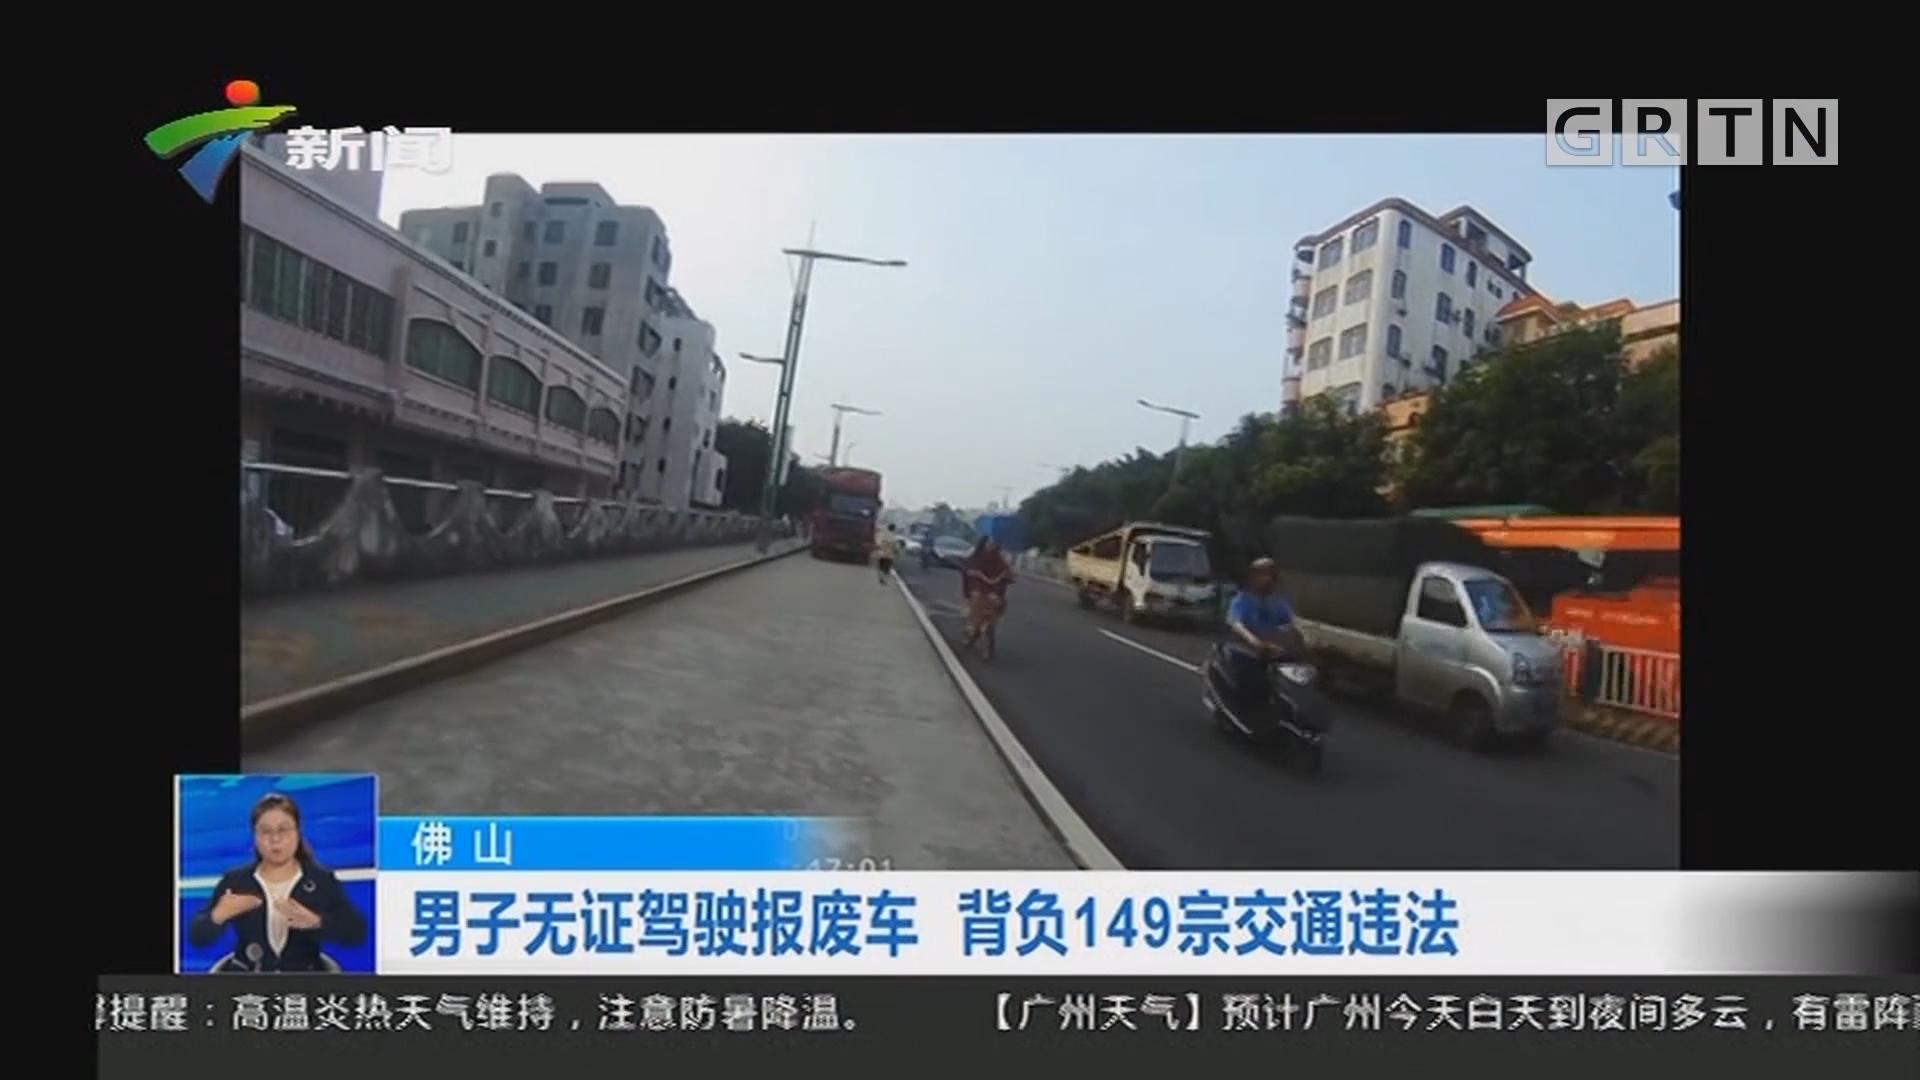 佛山:男子无证驾驶报废车 背负149宗交通违法